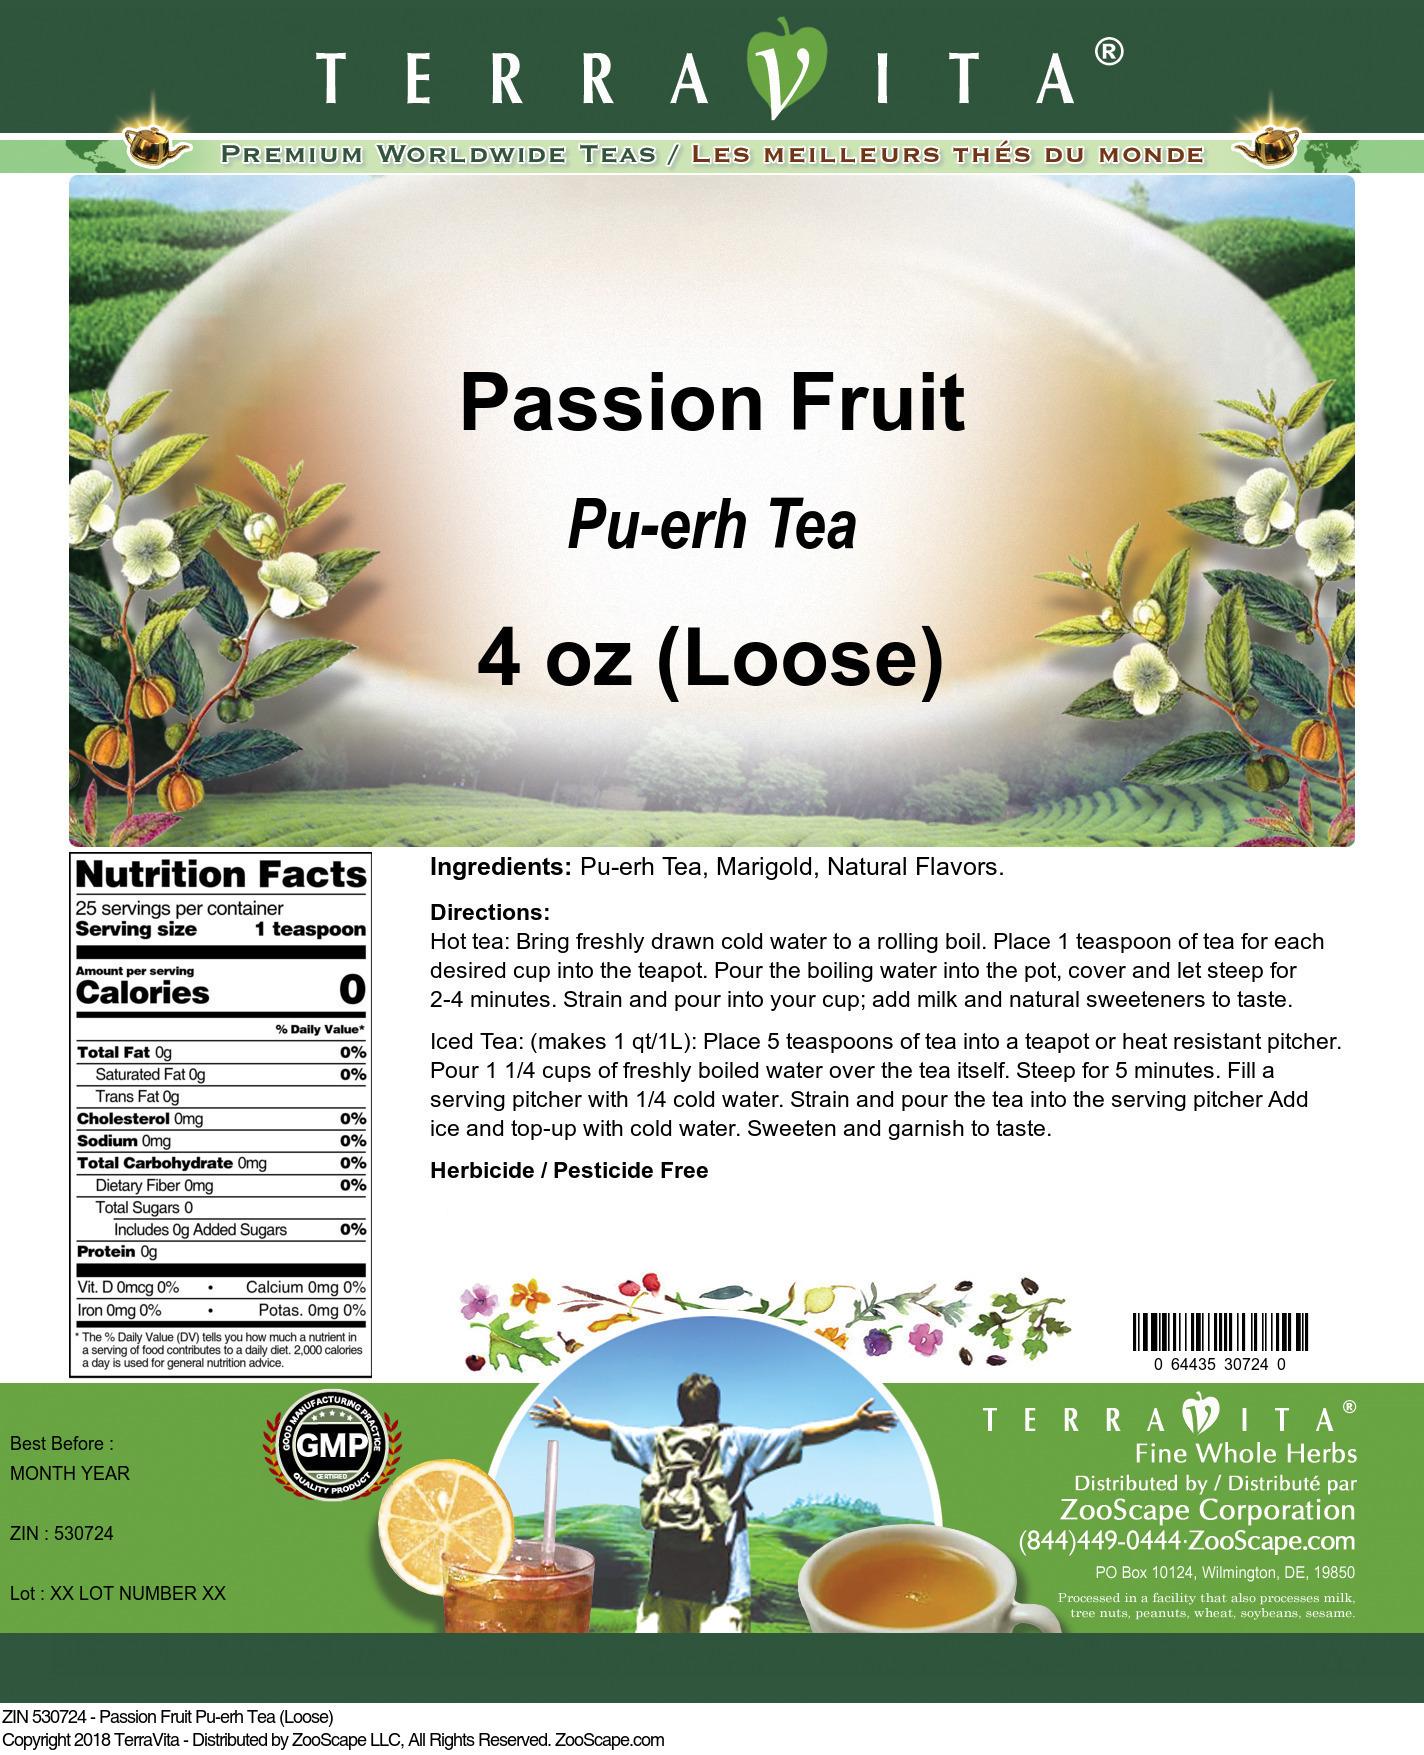 Passion Fruit Pu-erh Tea (Loose)